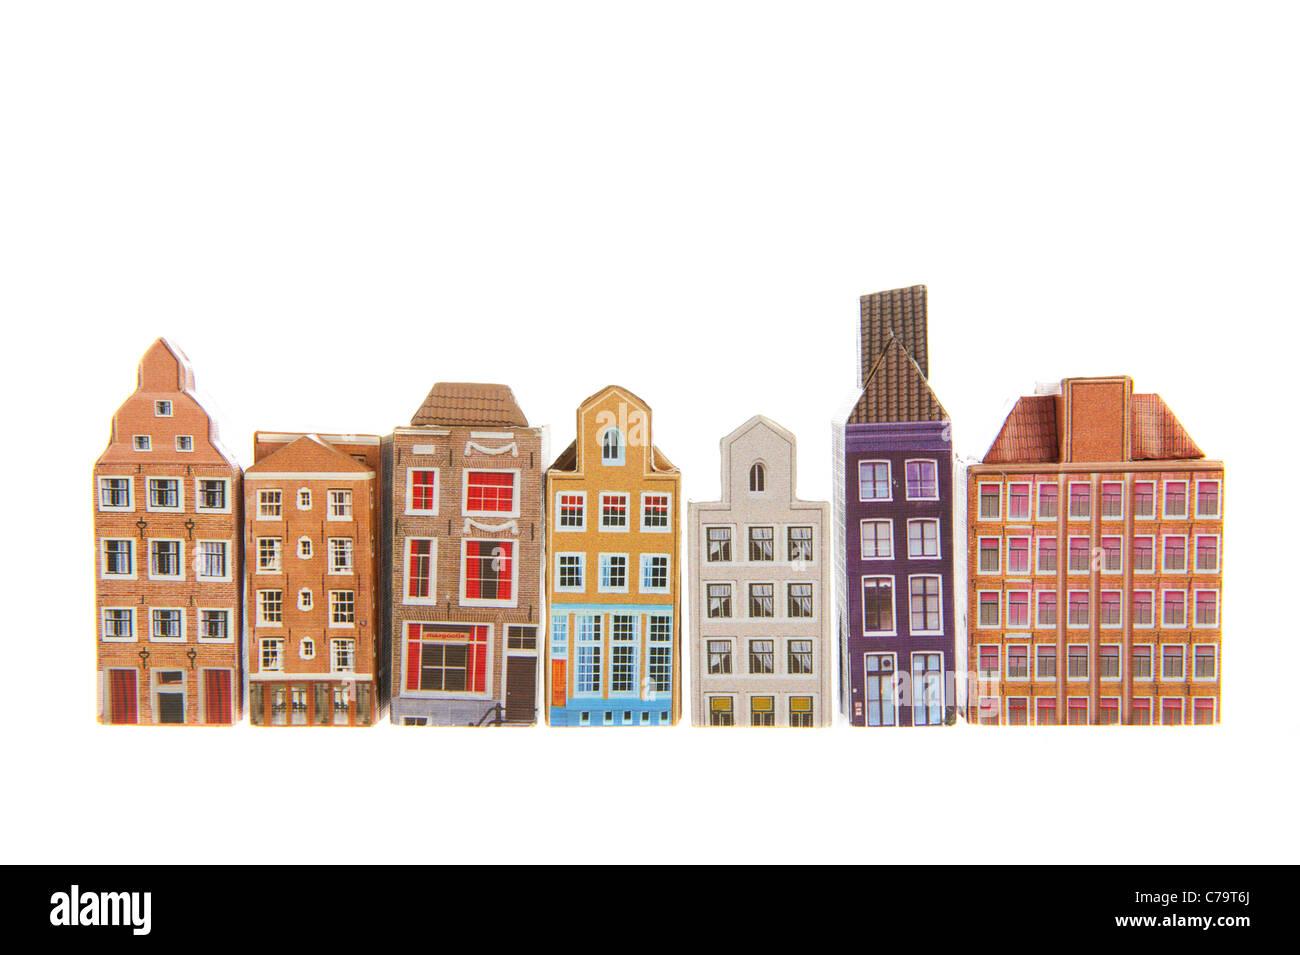 Typische Reihenhäuser aus Amsterdam isoliert auf weißem Hintergrund Stockbild